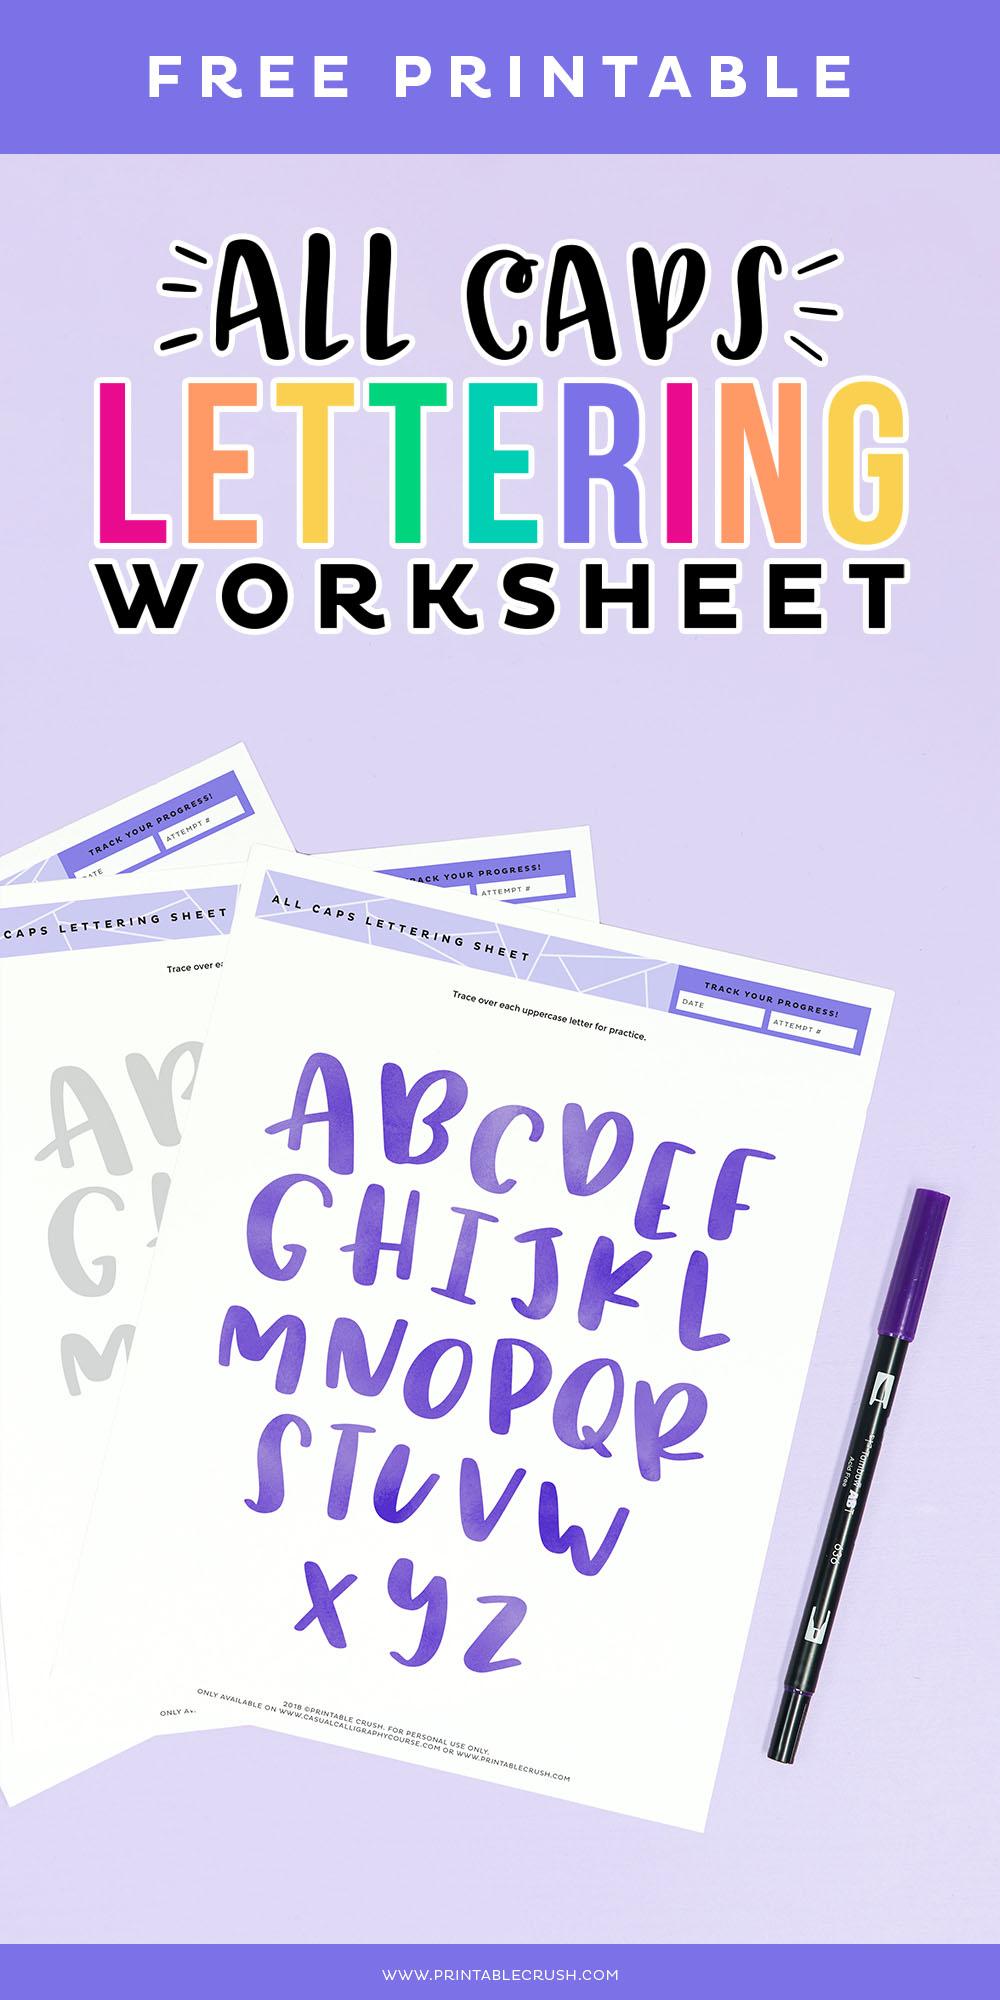 Brush Lettering Tutorial for All Caps - Print Lettering - Tombow Dual Brush Pen Lettering Worksheets - Printable Crush